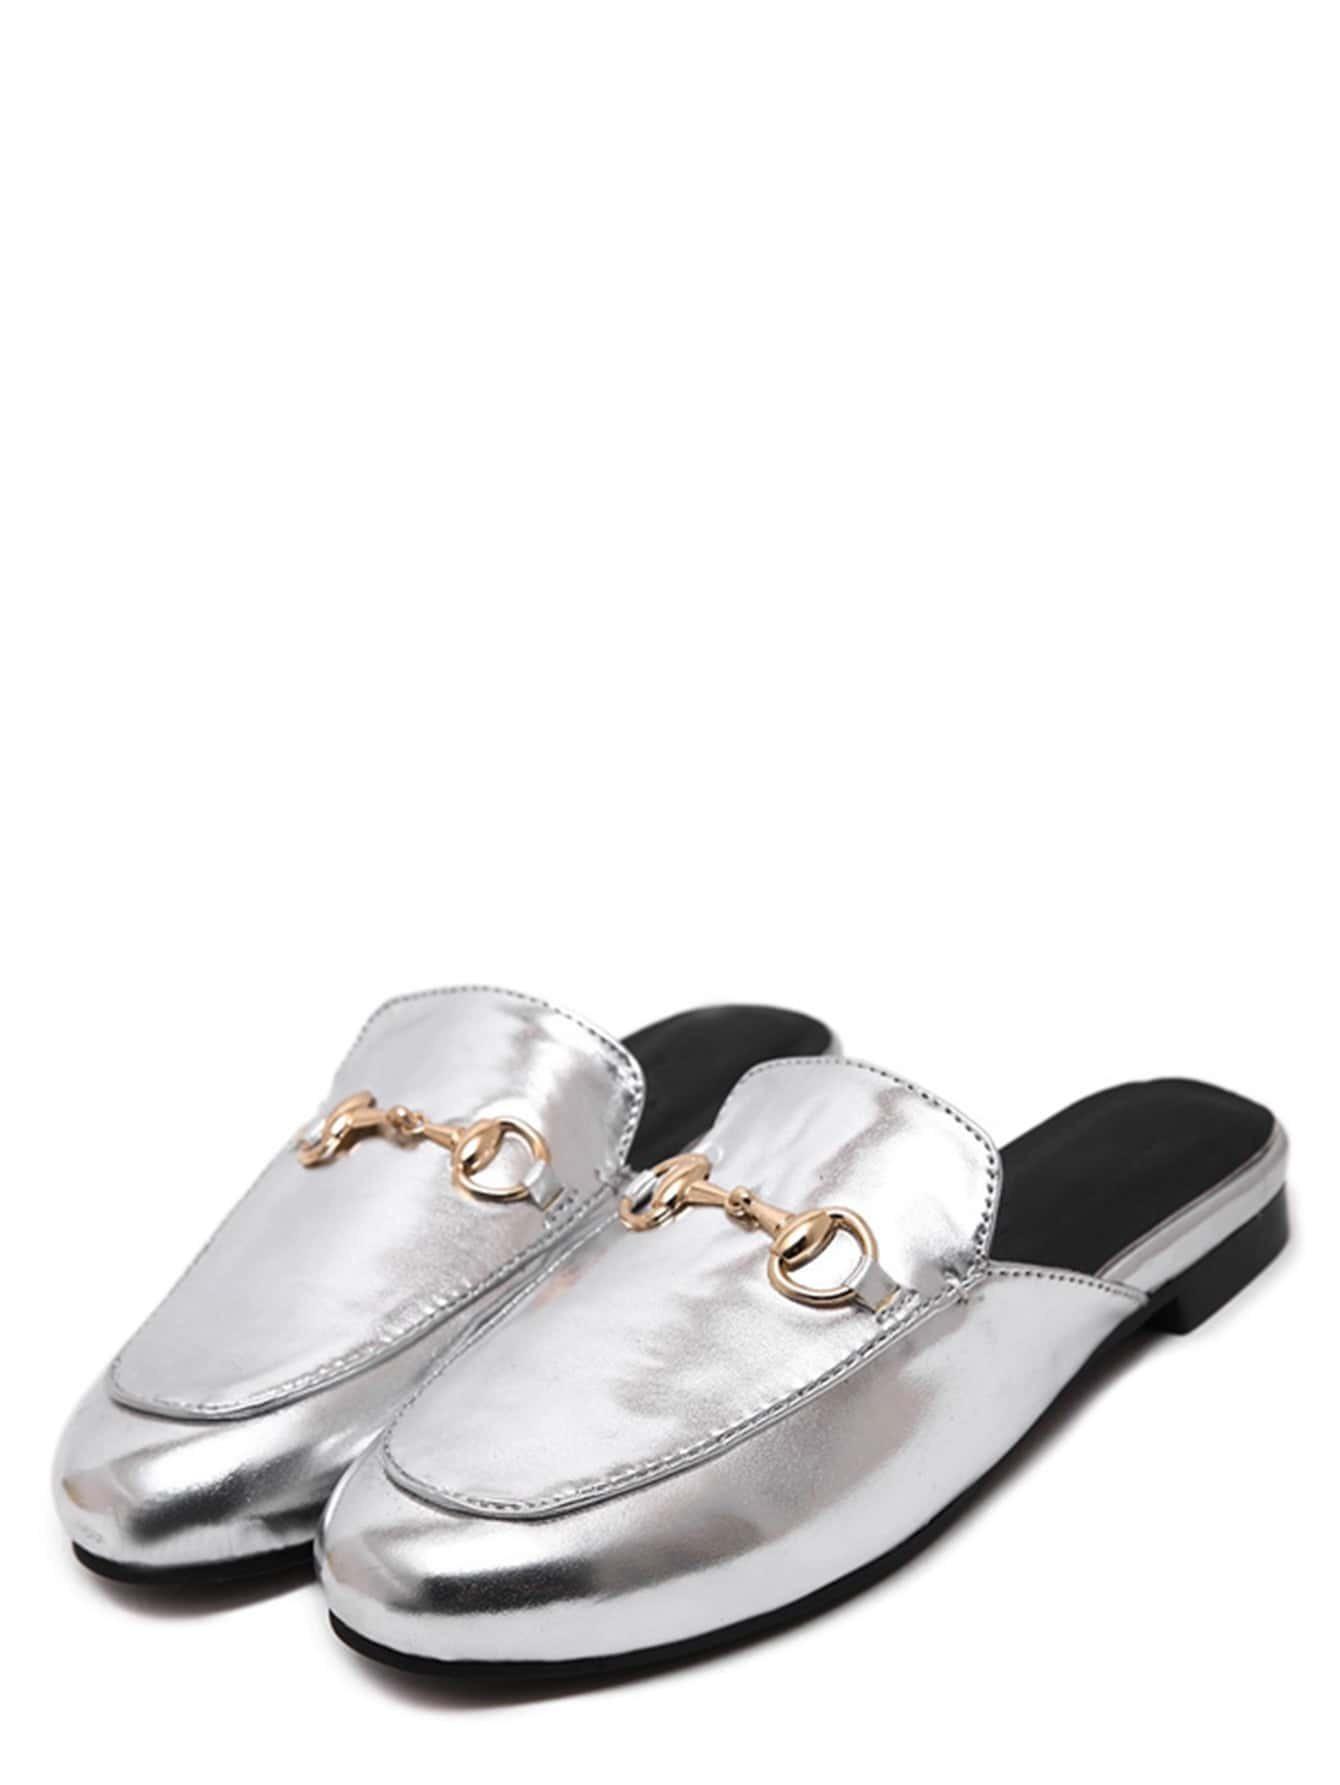 shoes161011802_2